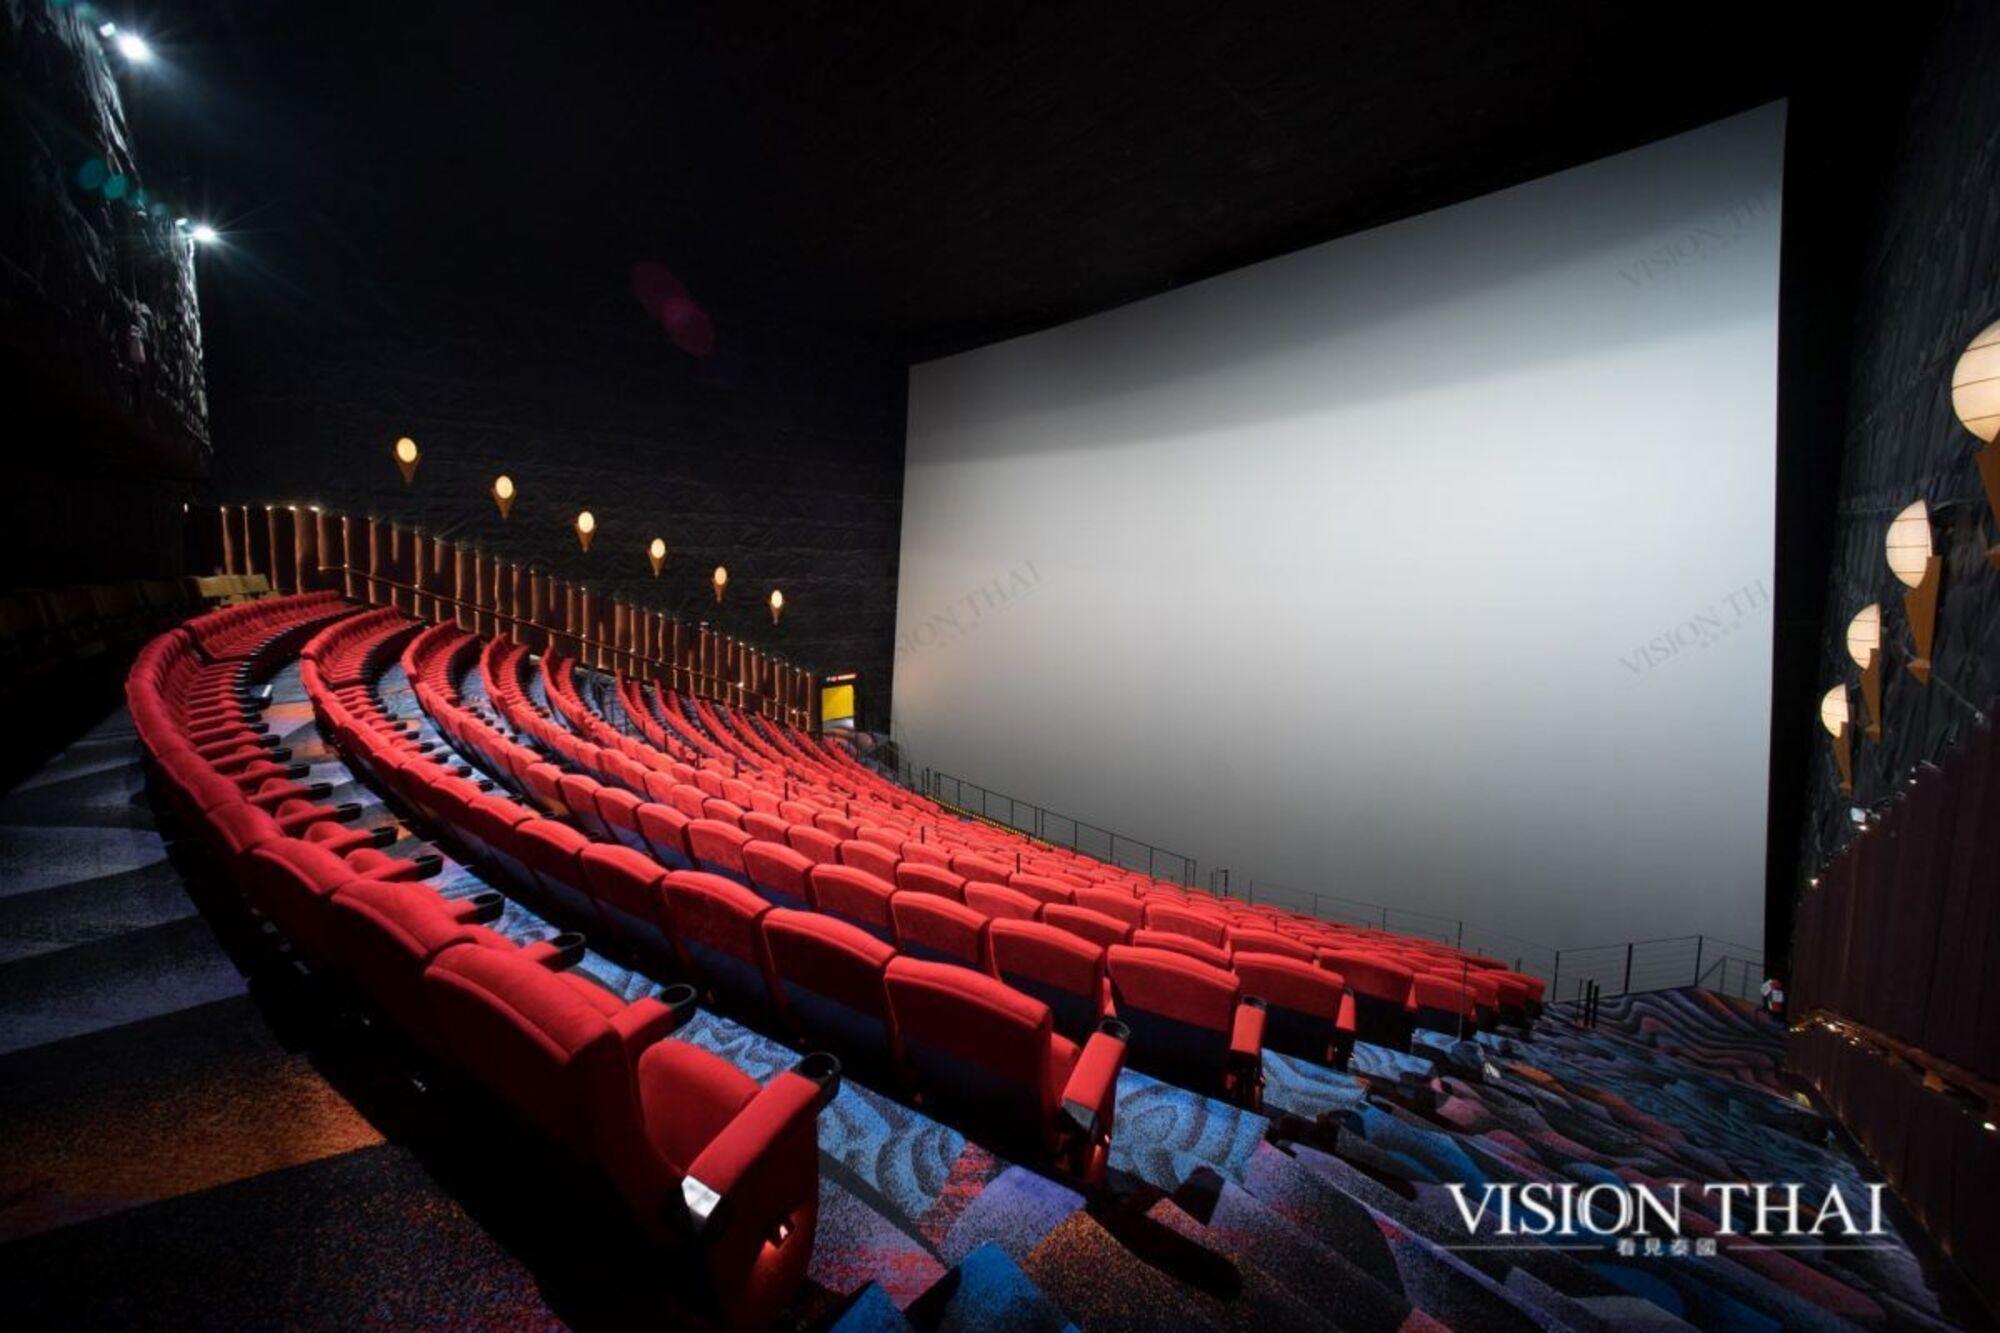 2大曼谷电影院推荐|吃美食、享按摩、躺看4DX|曼谷自由行必去